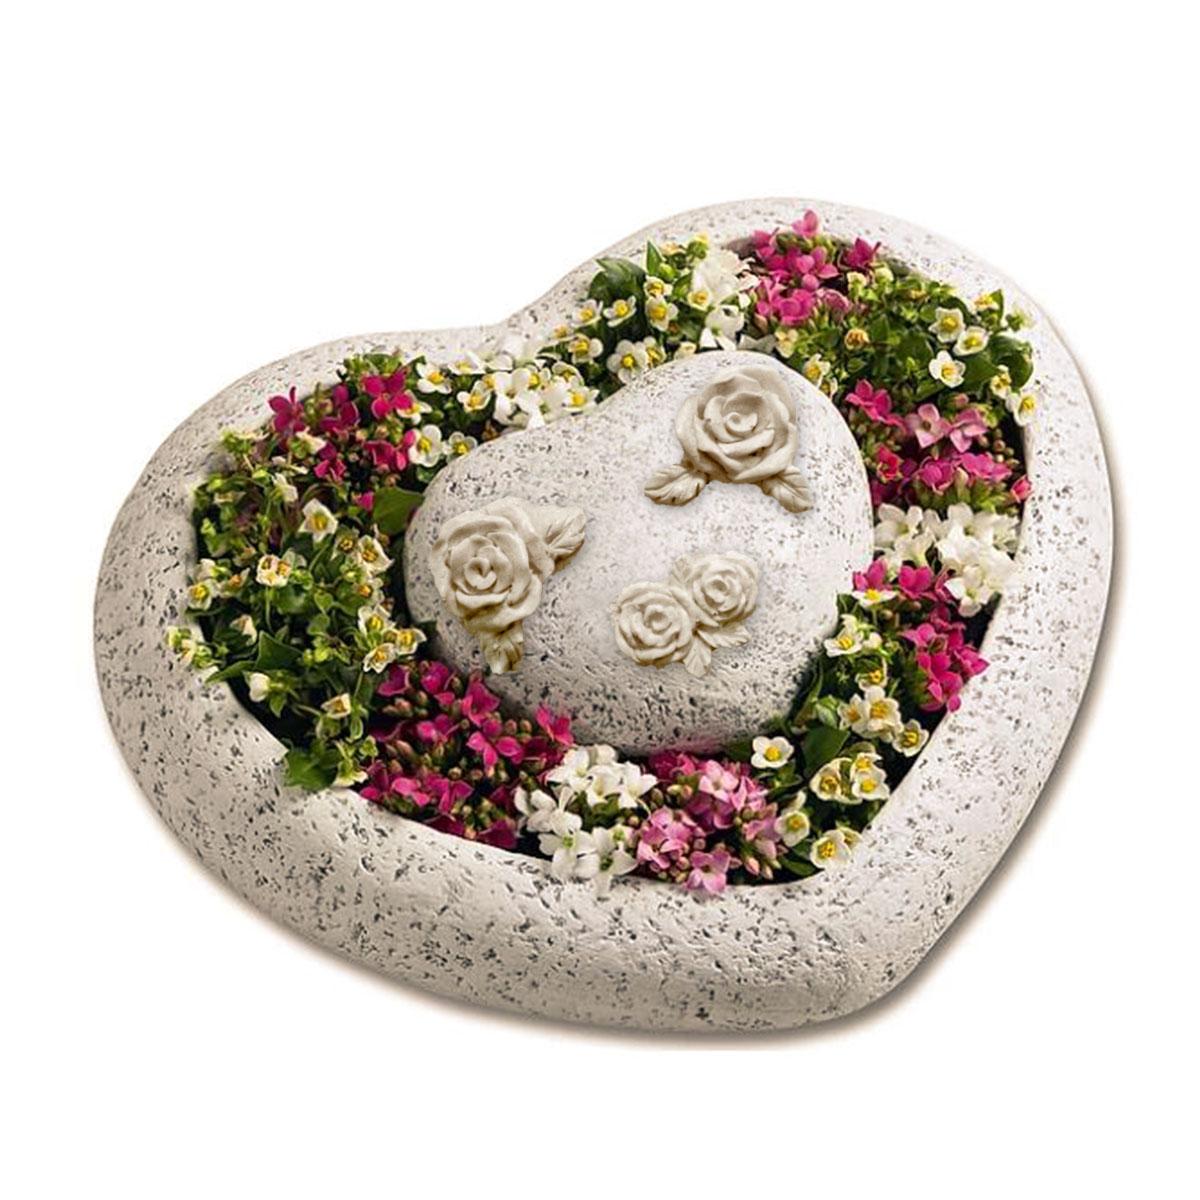 Pflanzenschale Herz 2-tlg. Image